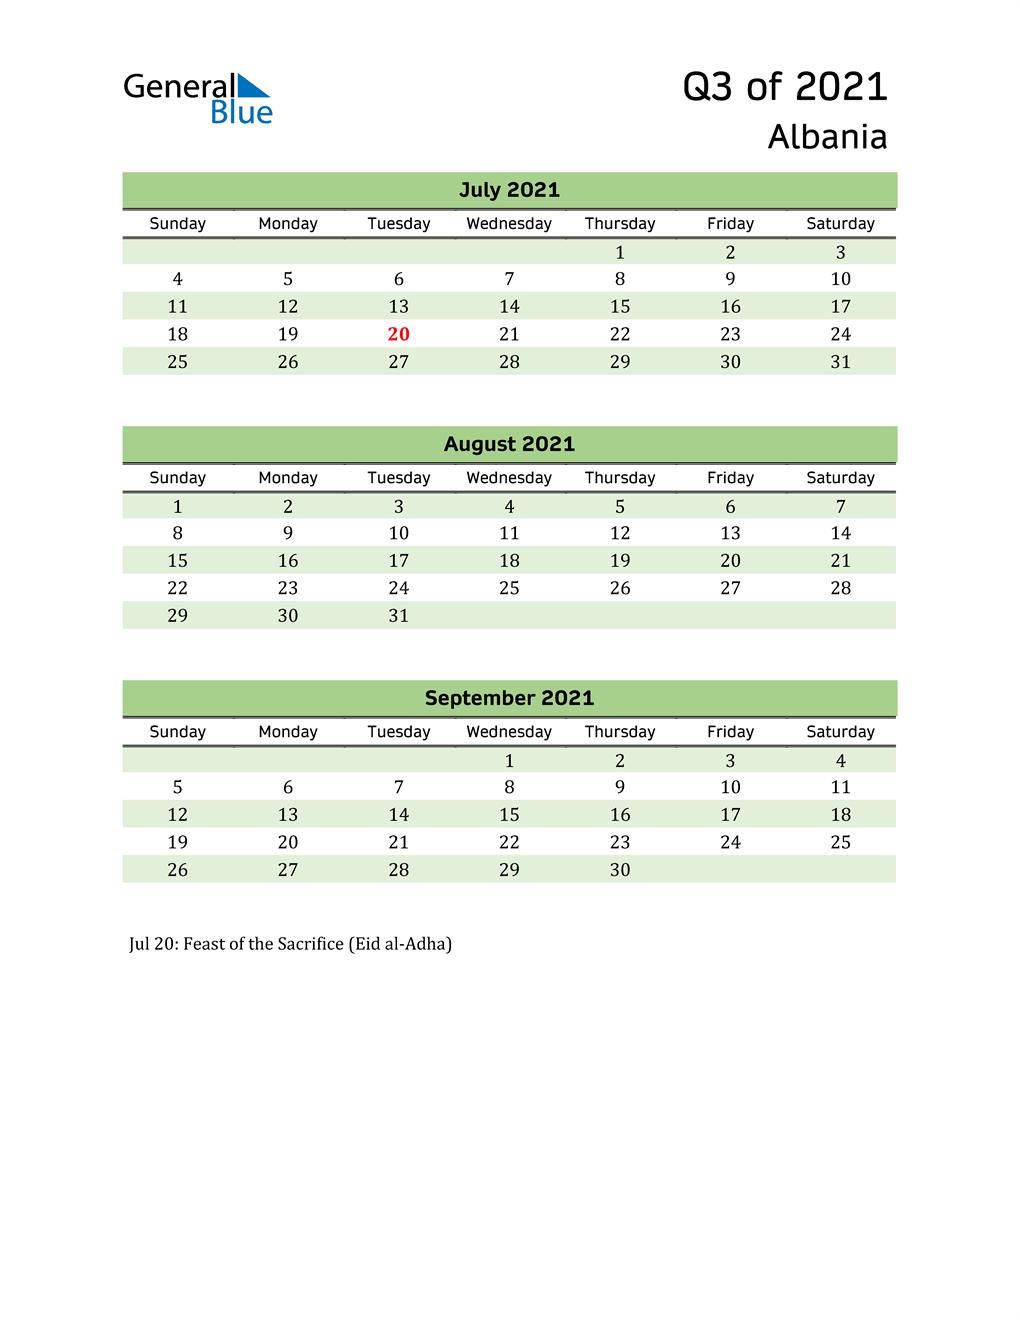 Quarterly Calendar 2021 with Albania Holidays